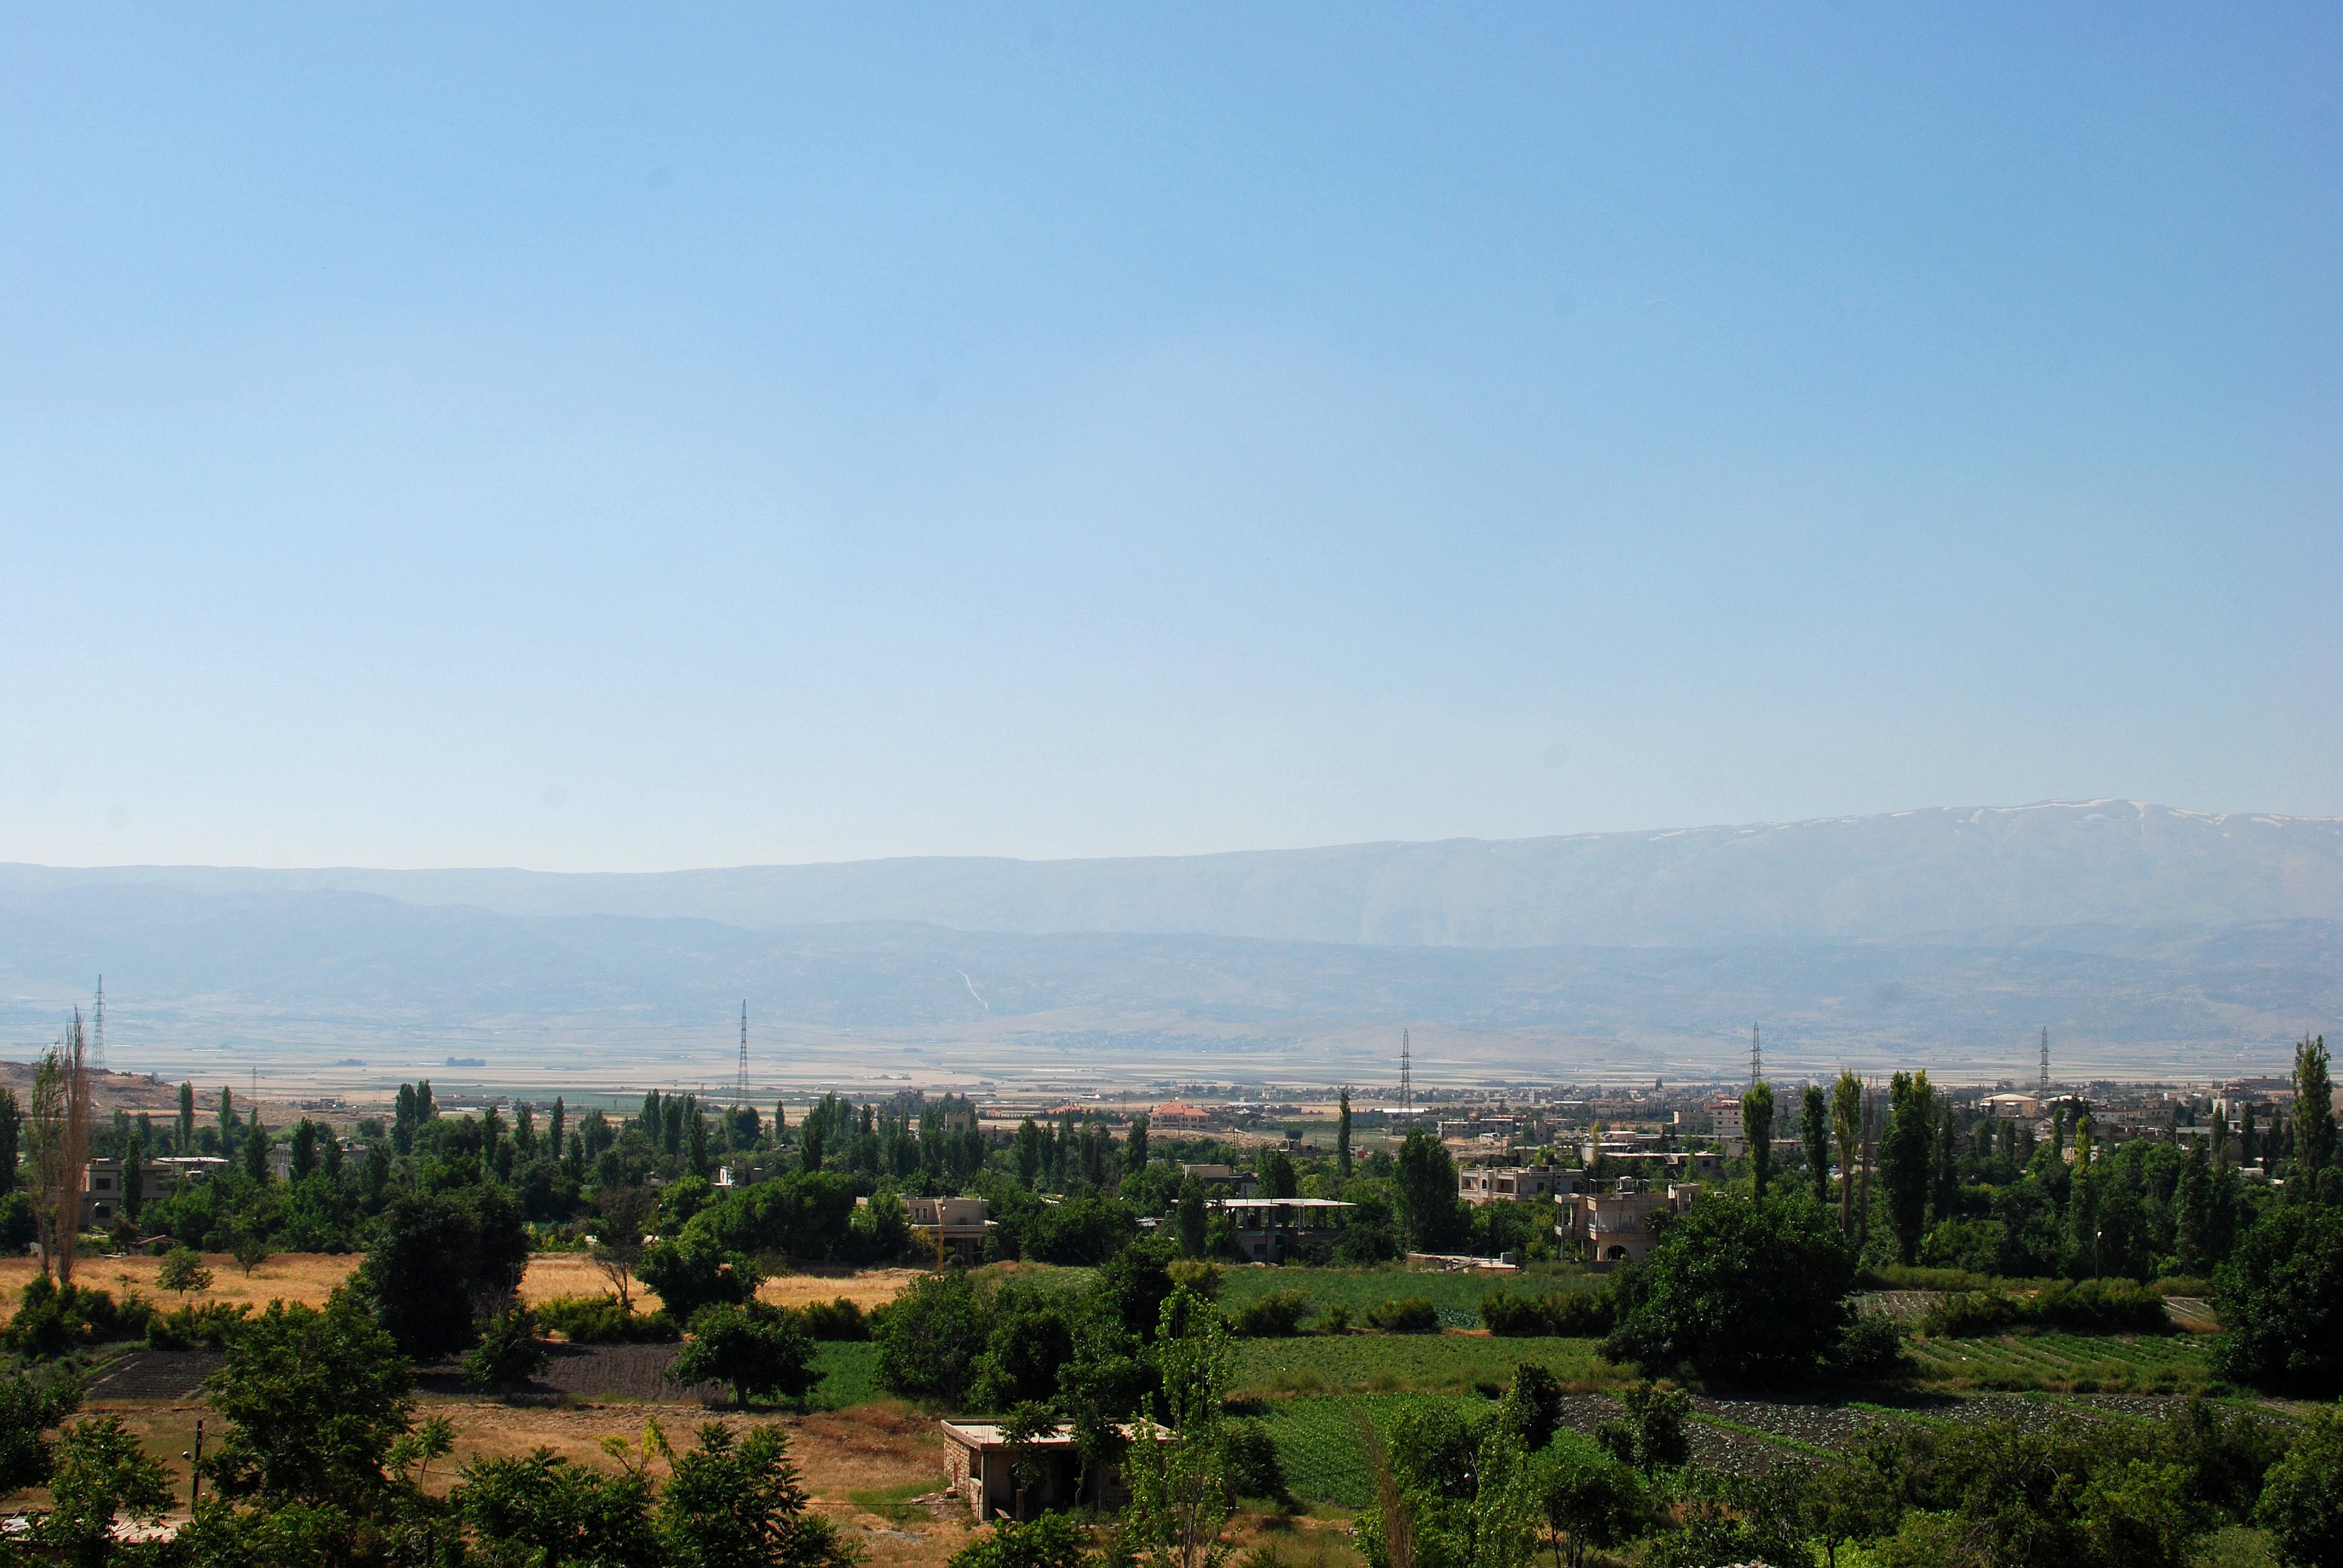 La plaine de la Beeka, berceau du trafic de cannabis libanais. Crédit Karin Jain (Flickr).